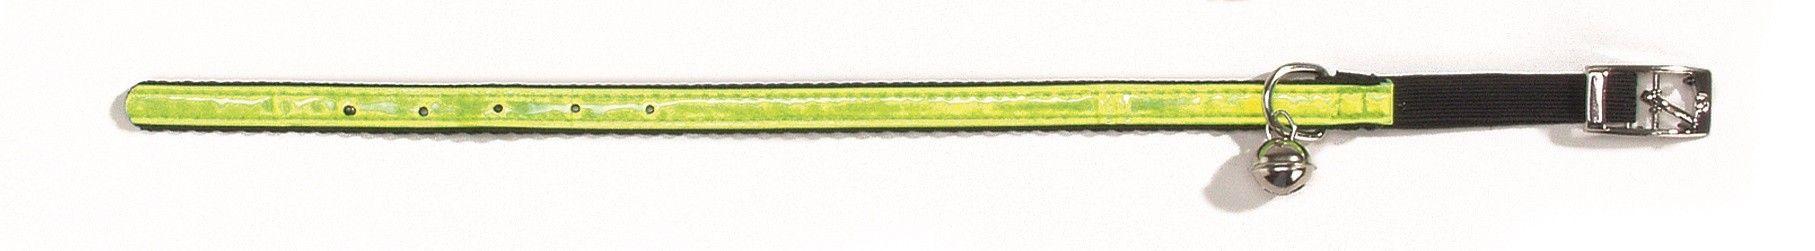 Kattenhalsband reflecterend nylon Beeztees geel